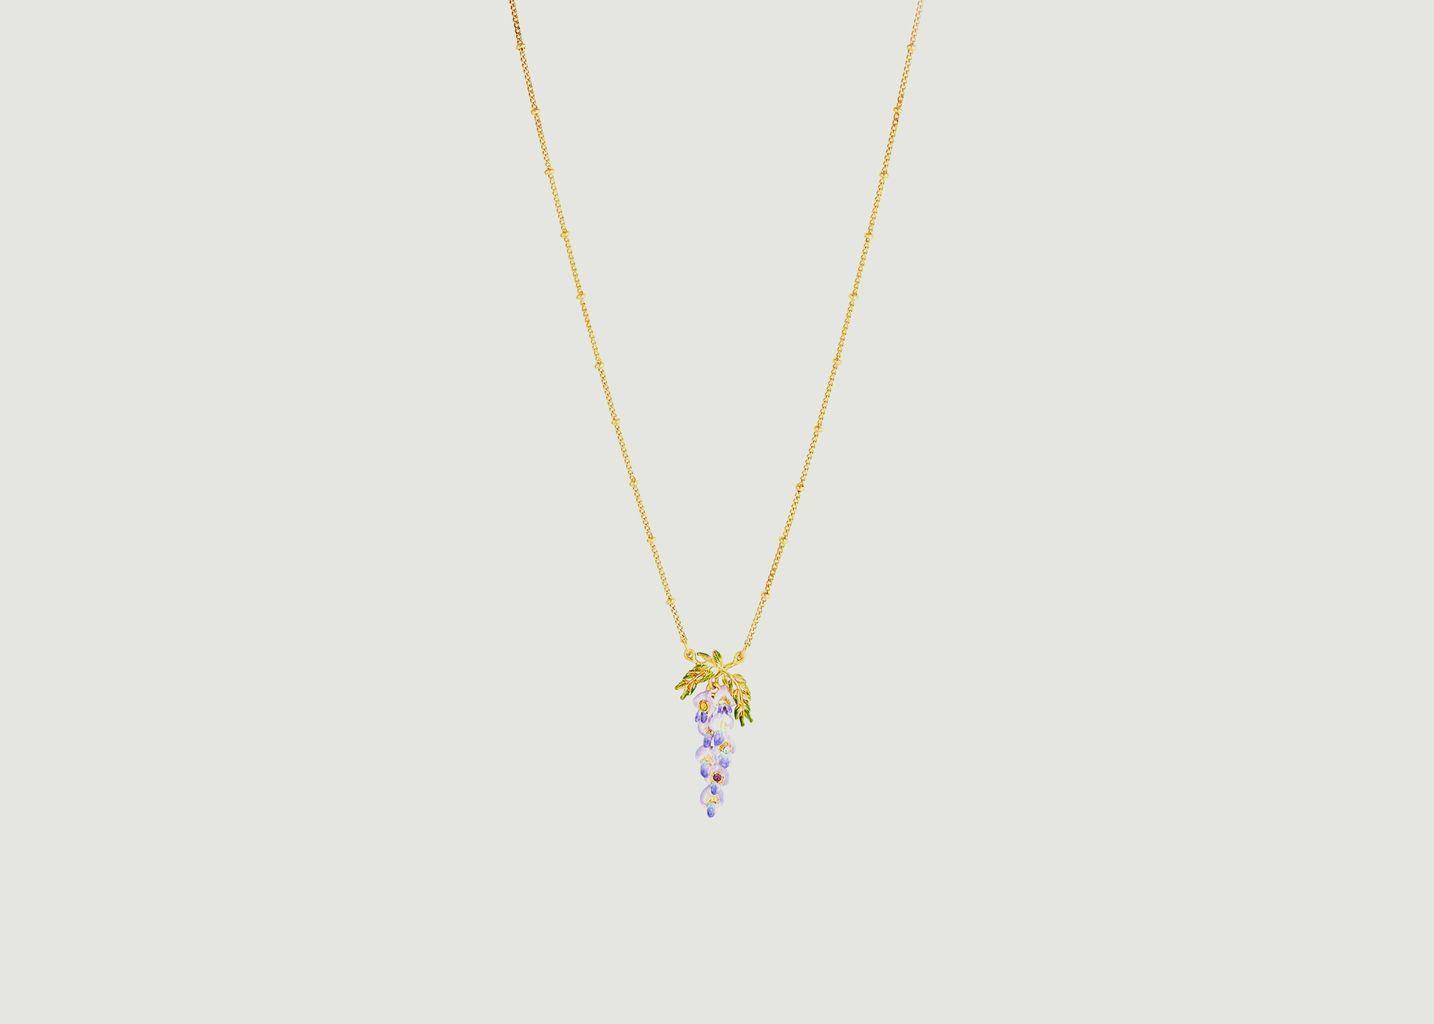 Collier pendentif Fleur de Glycine - Les Néréides